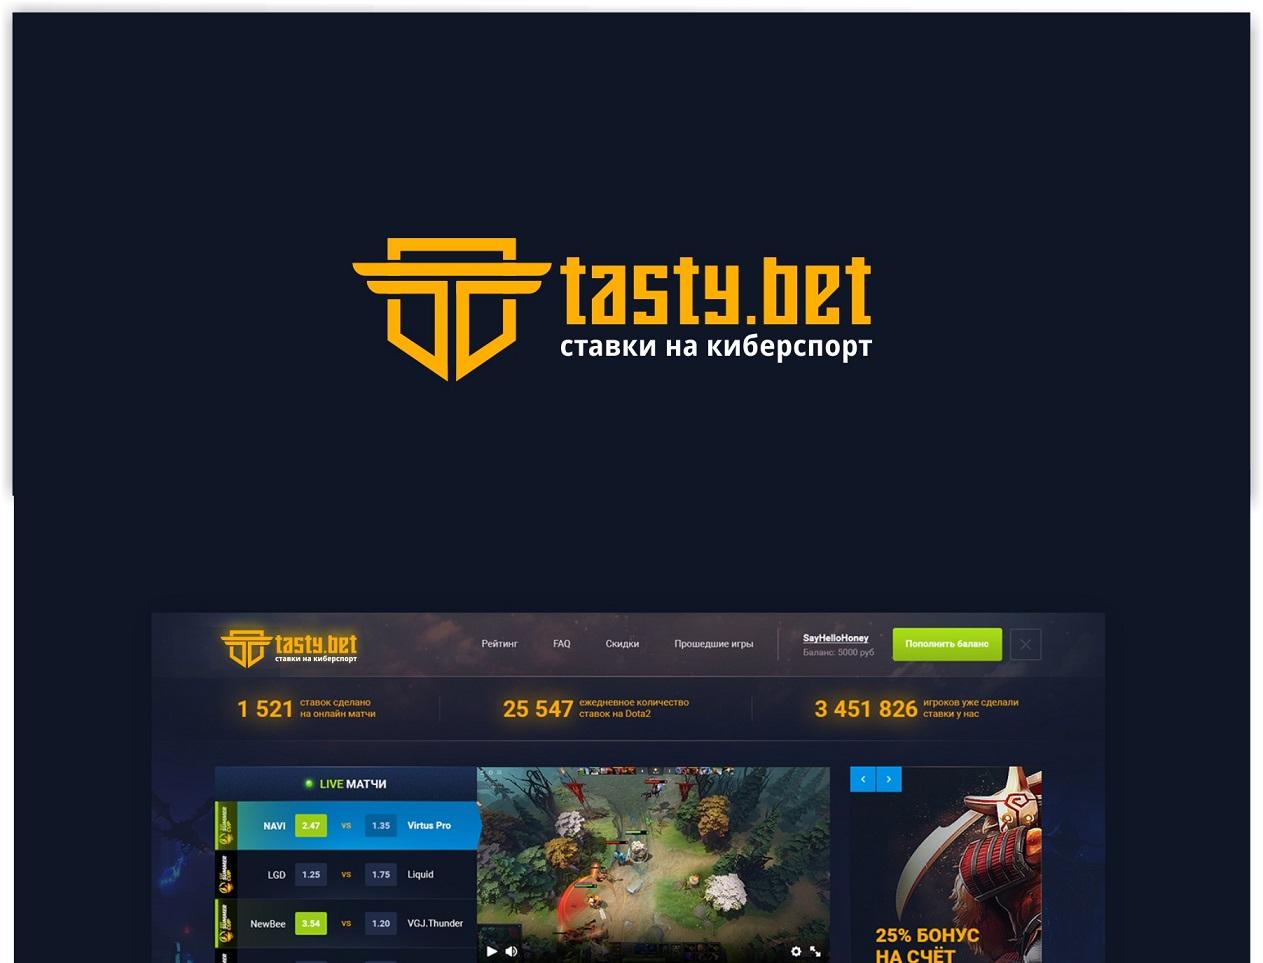 Нарисовать логотип для сайта со ставками для киберматчей фото f_0455b49e4f260a92.jpg